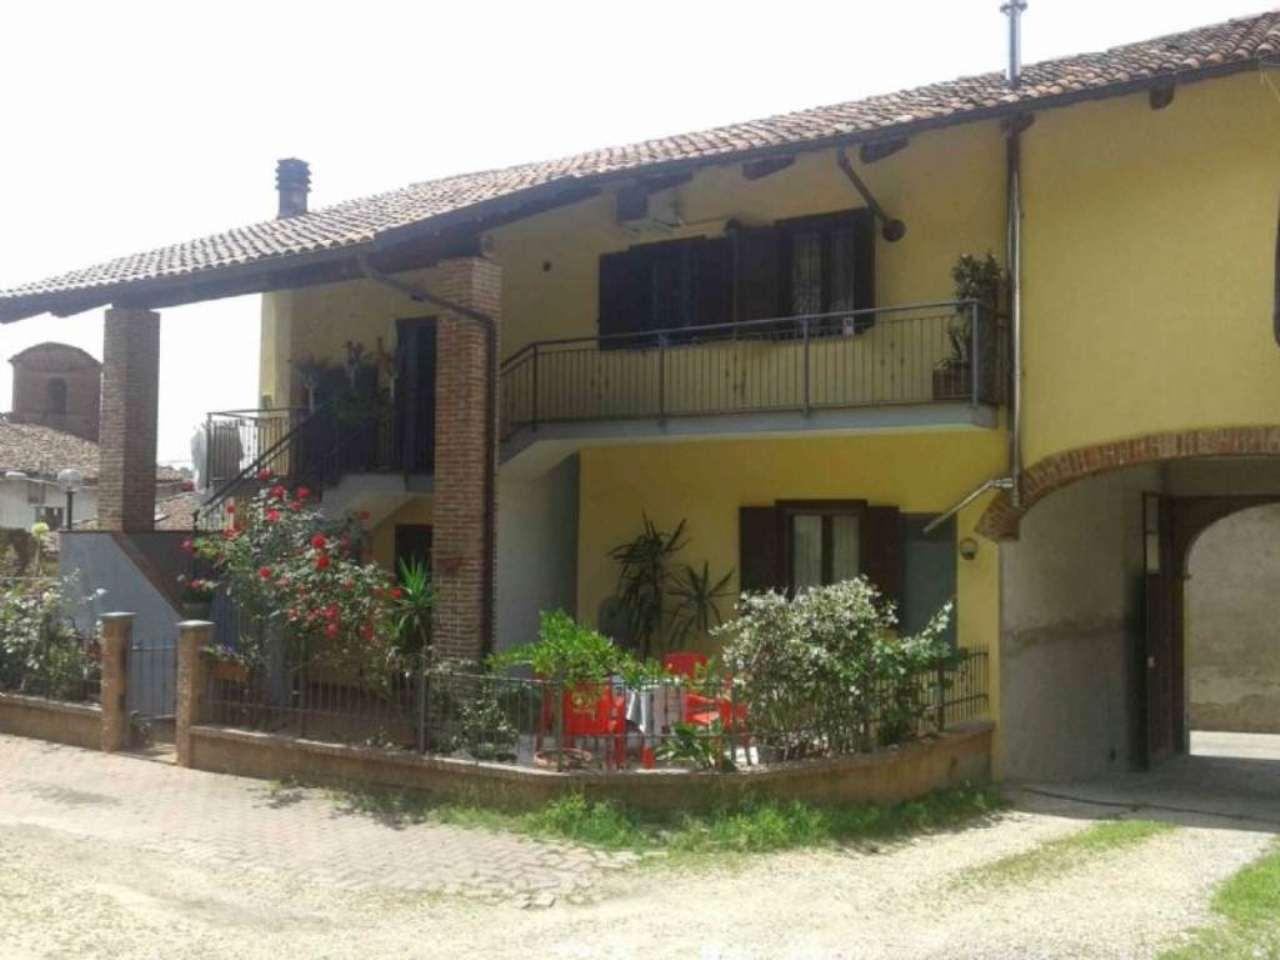 Soluzione Indipendente in vendita a Castelnuovo Don Bosco, 10 locali, prezzo € 175.000 | CambioCasa.it